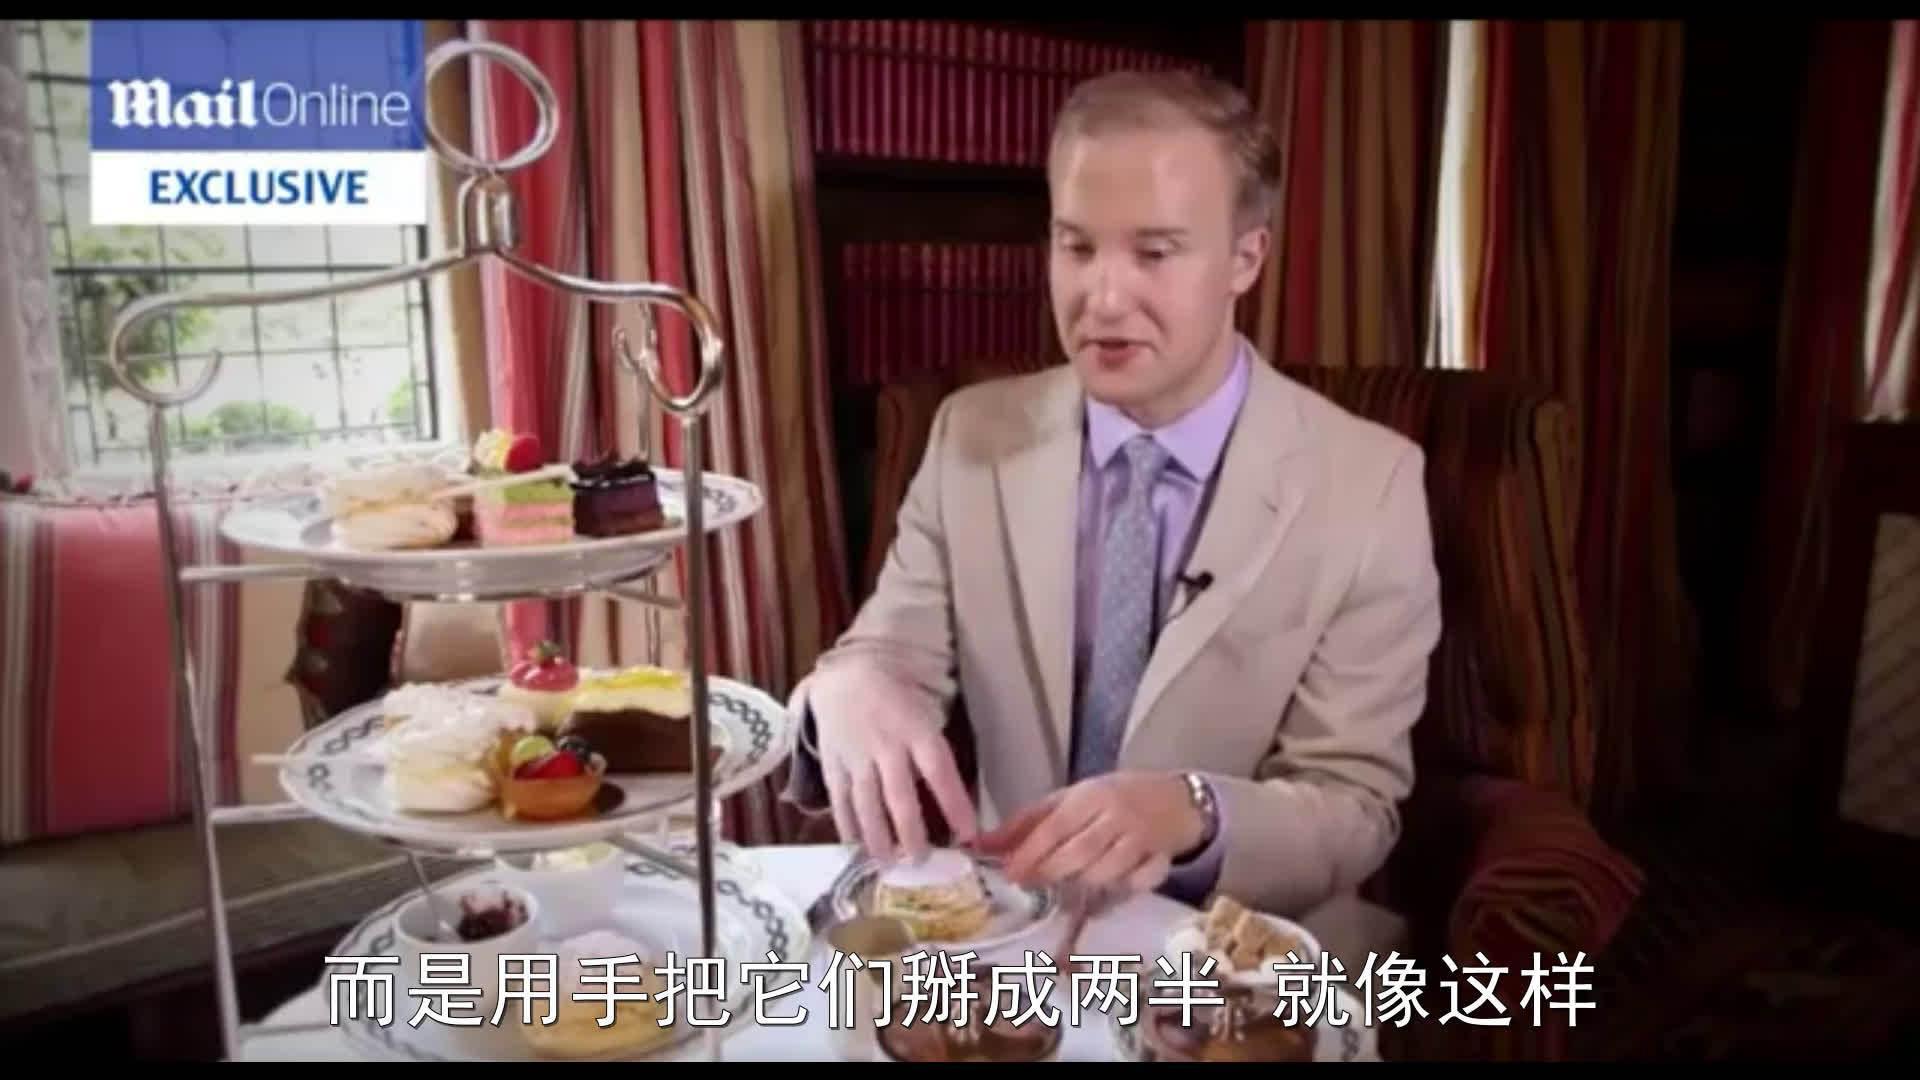 涨姿势!国际礼仪专家详解英式下午茶礼仪